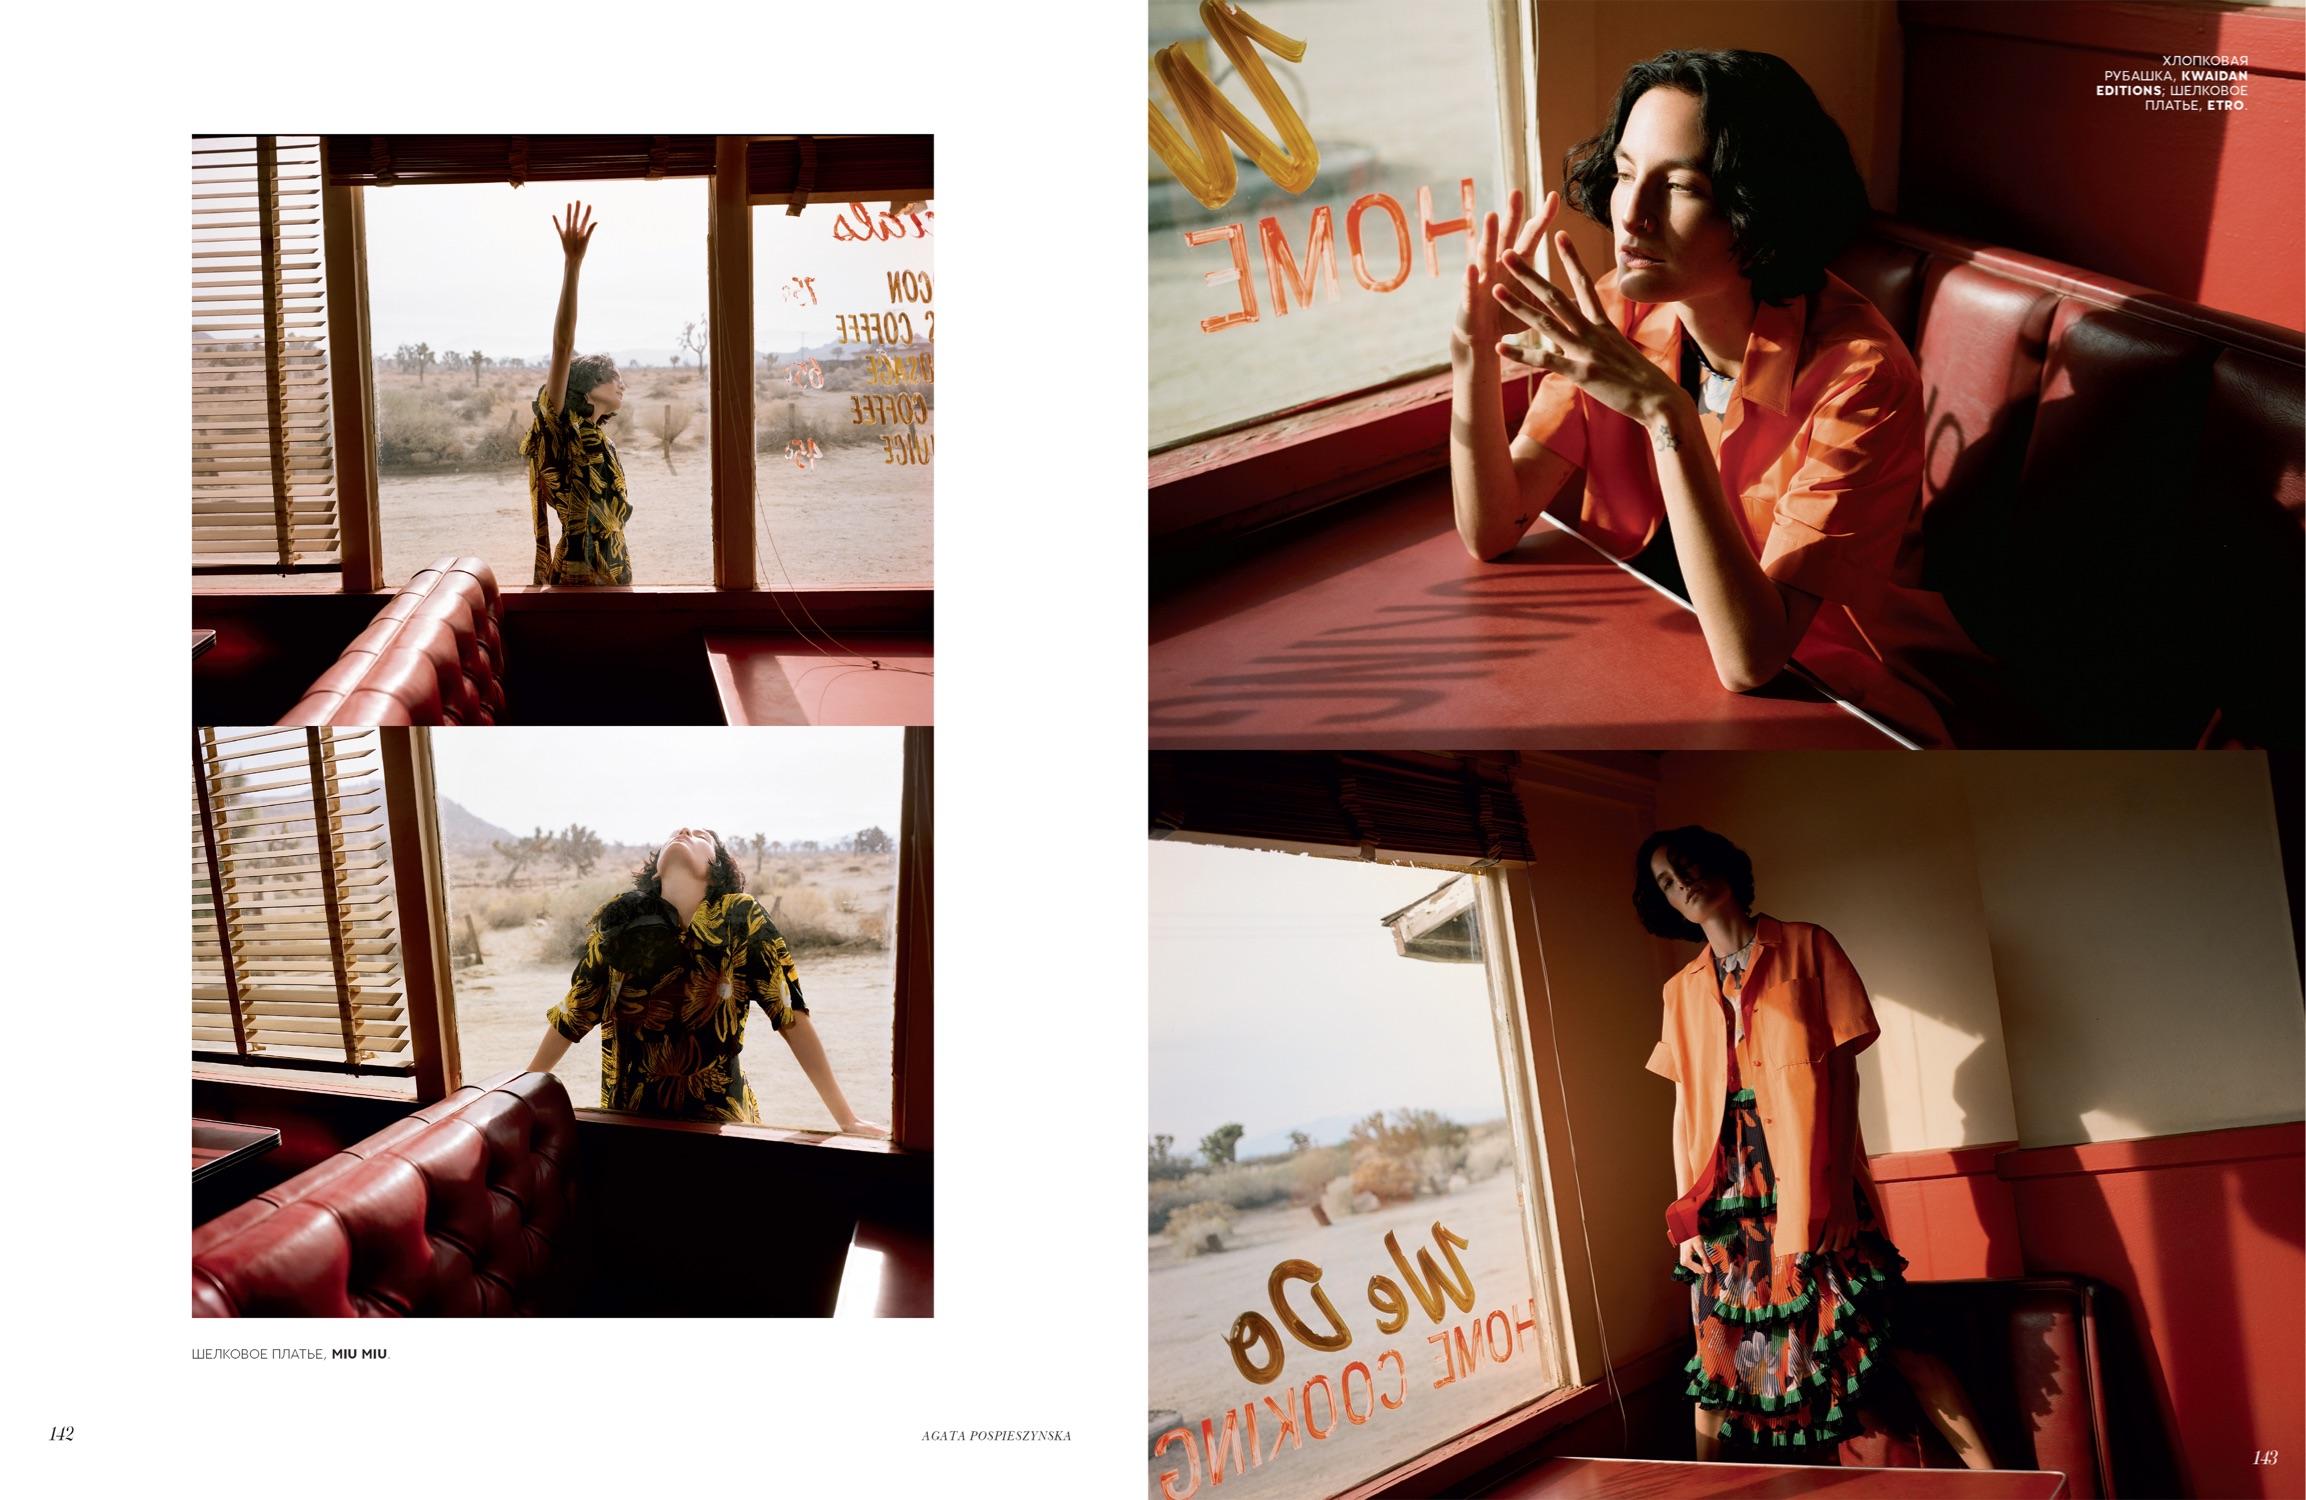 page142-143_VG_05_19_01.jpg